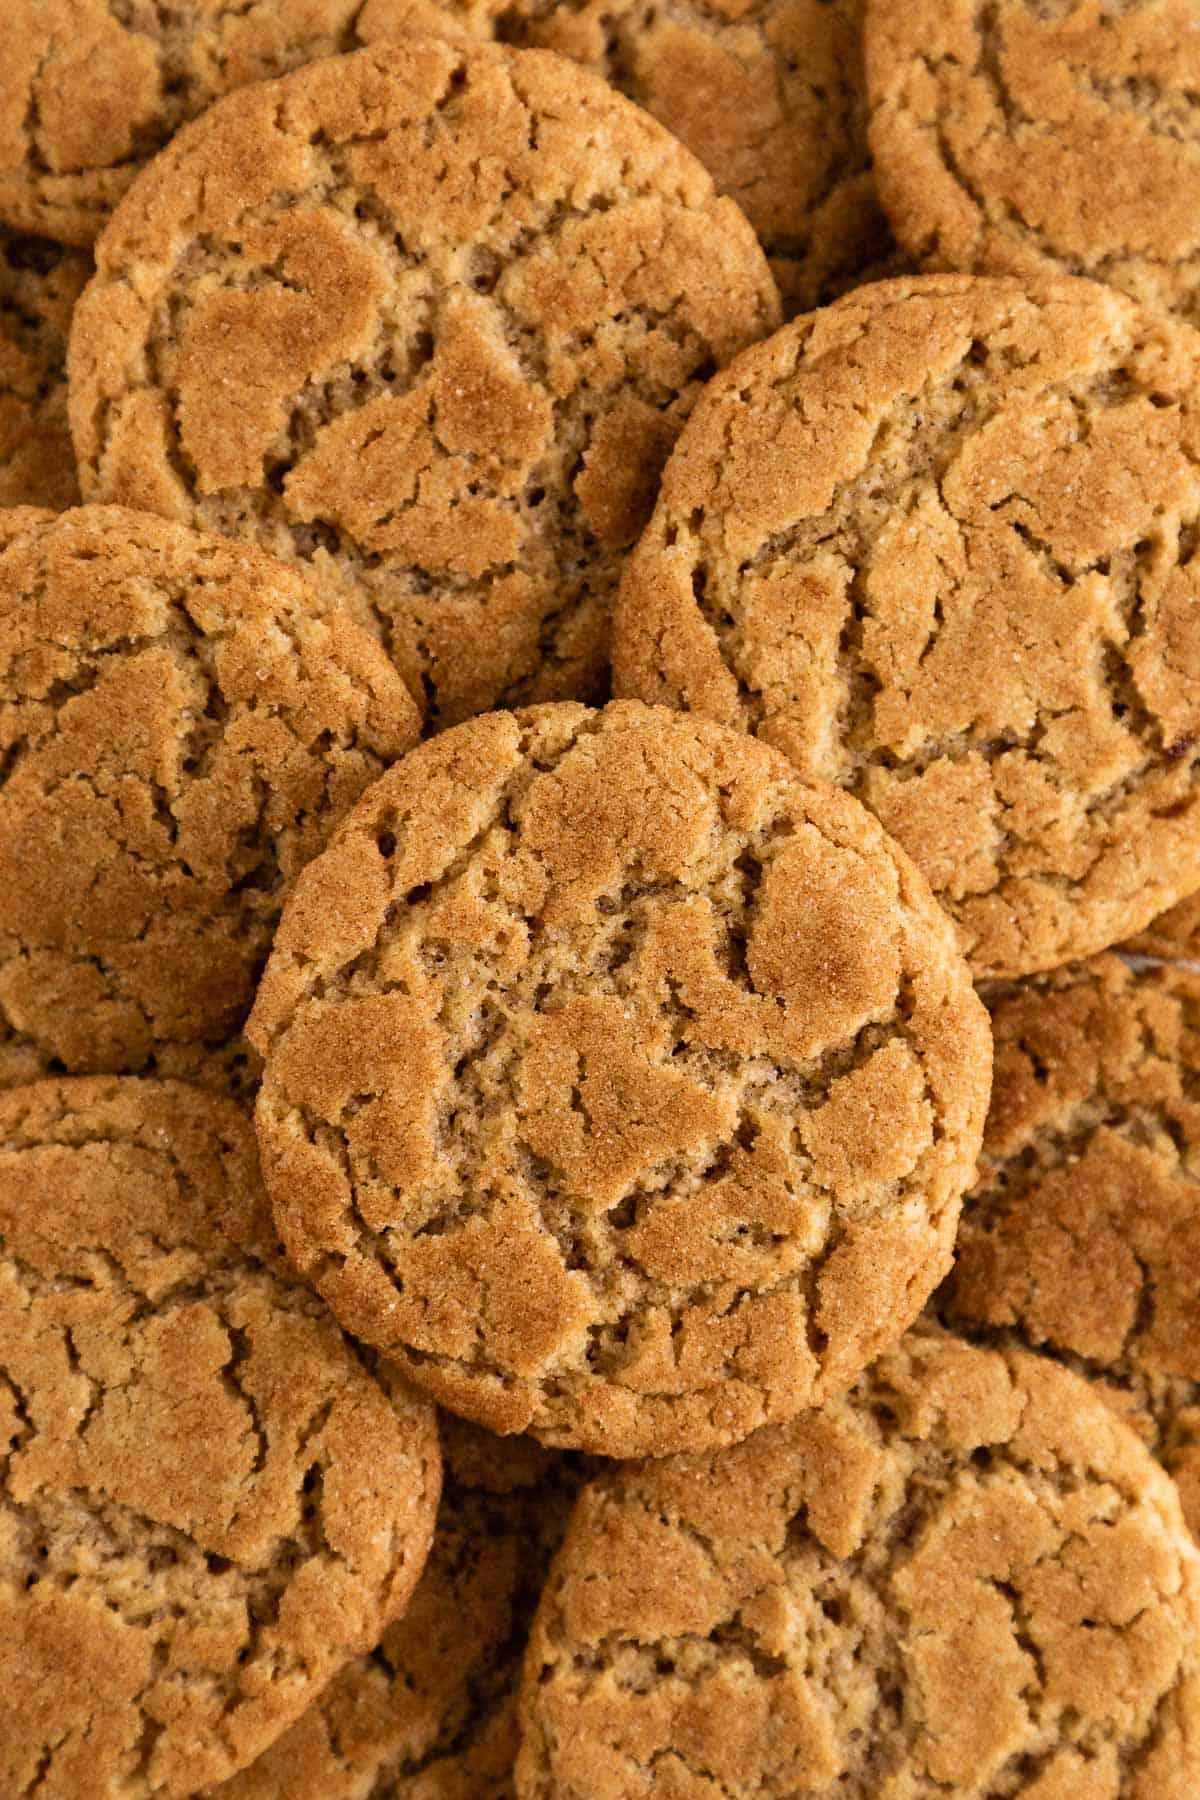 a pile of vegan snickerdoodle cookies coated in cinnamon sugar